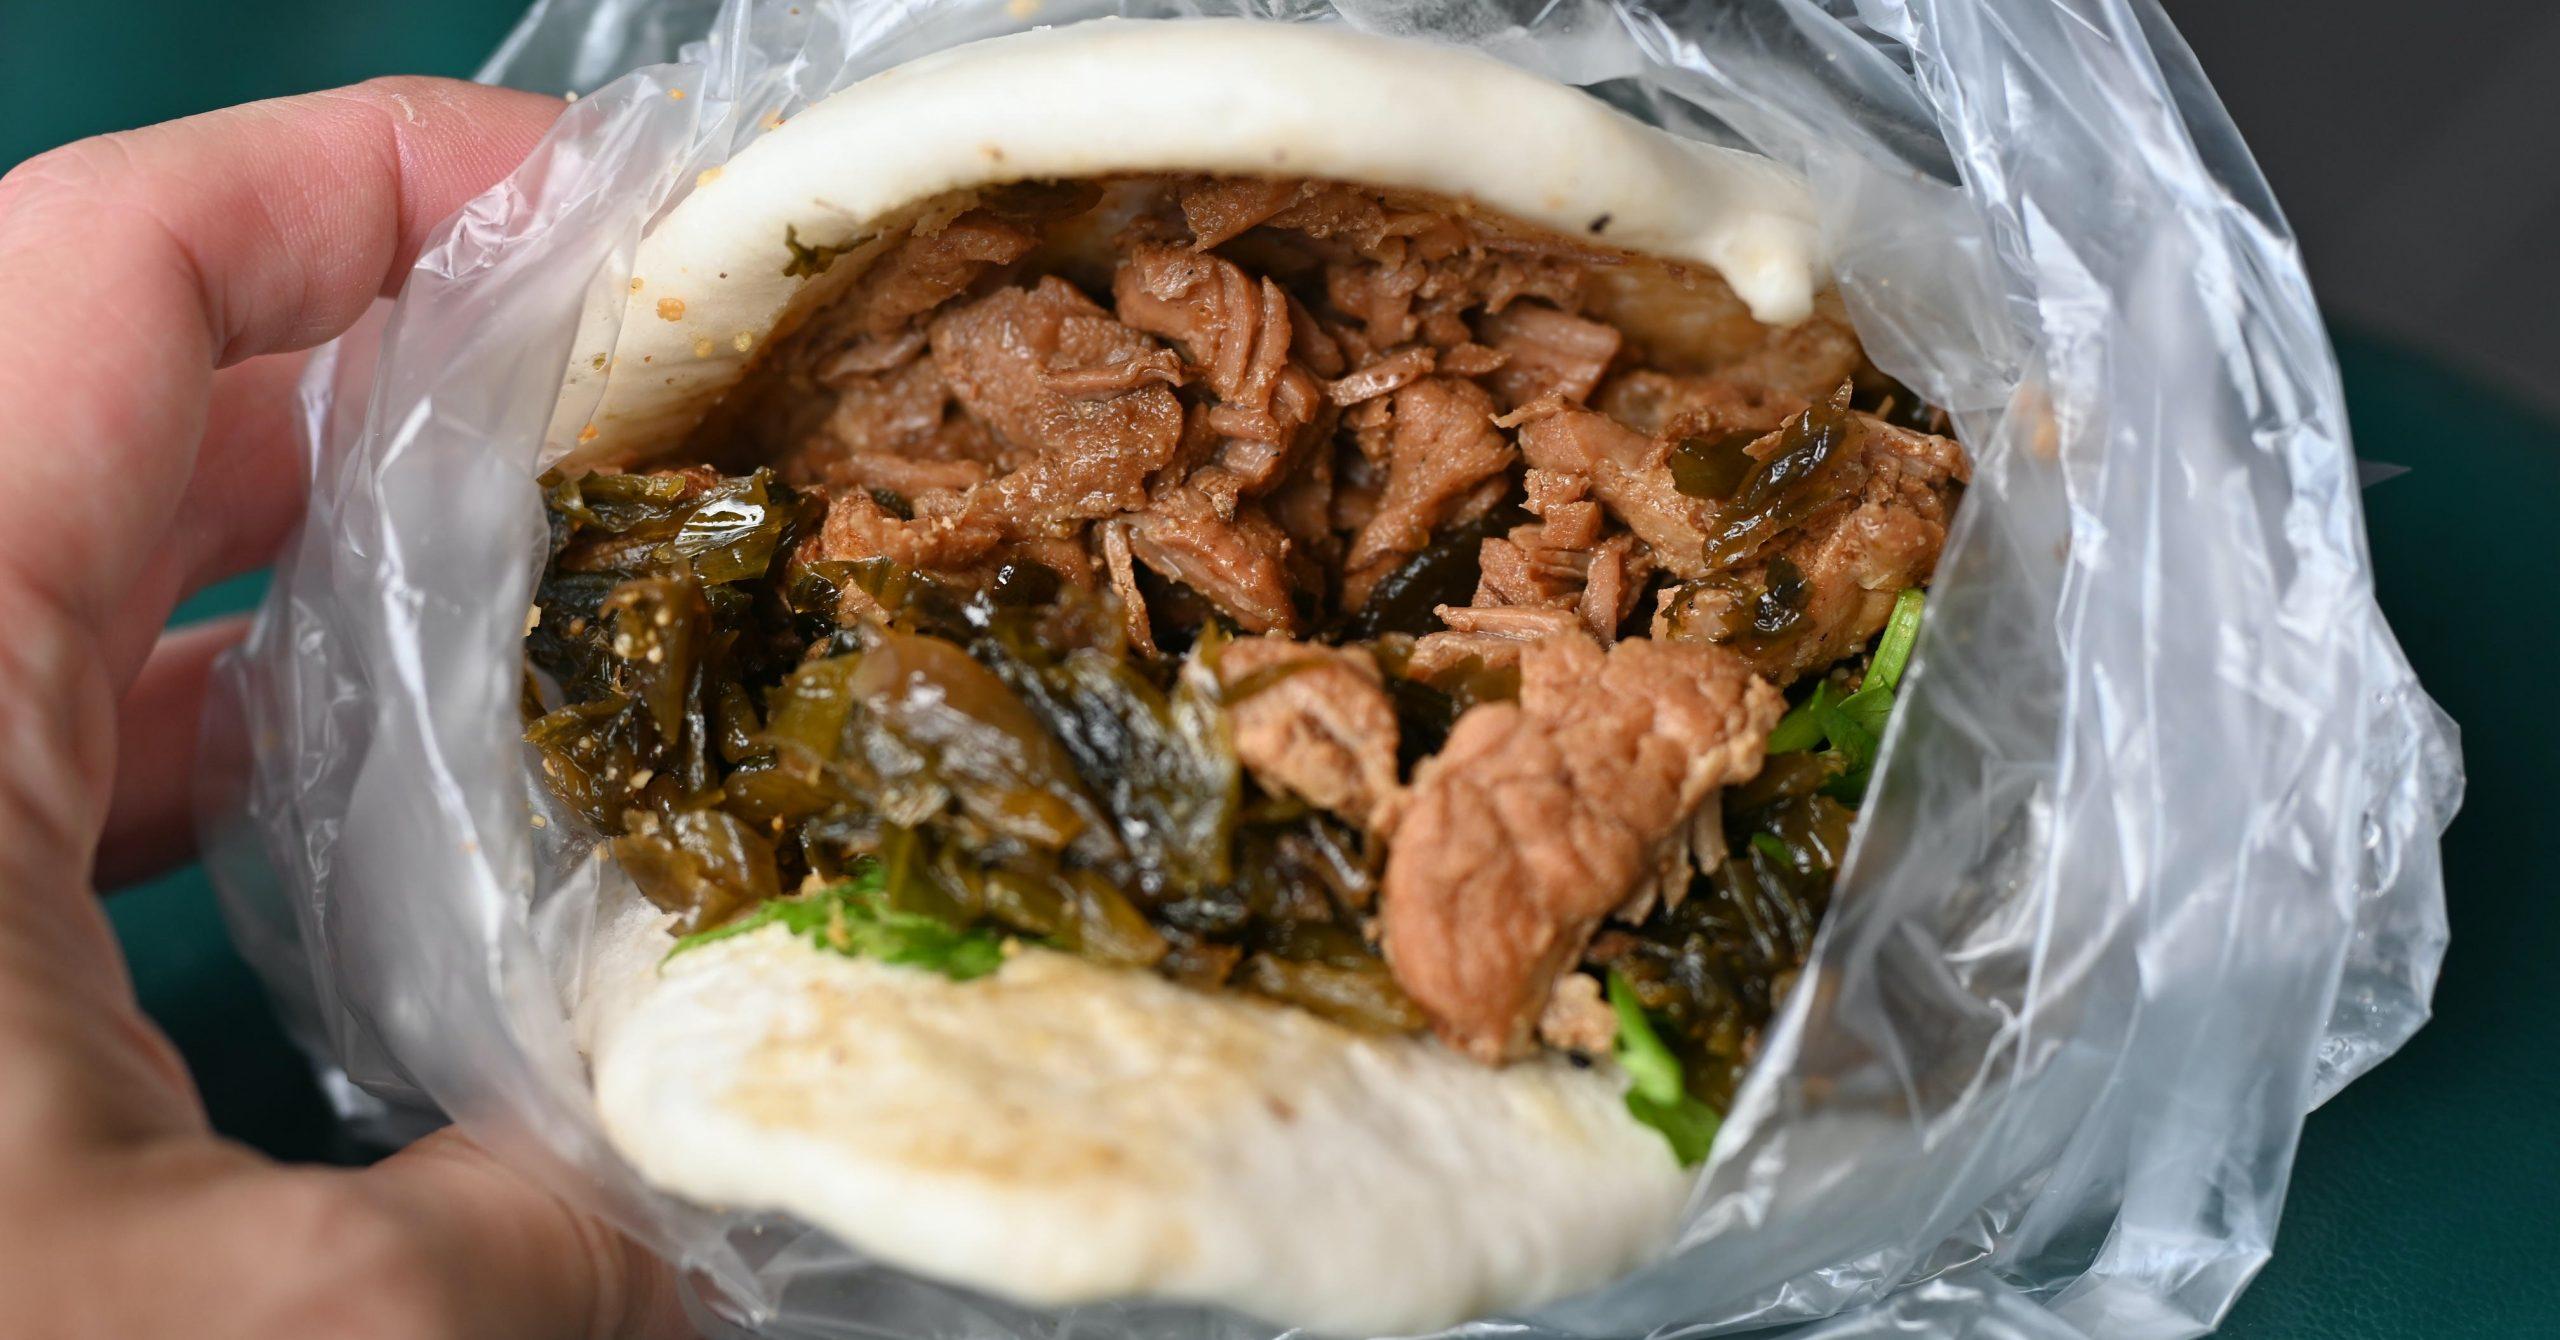 今日熱門文章:【松山美食】松山割包,松山版的藍家割包(菜單)